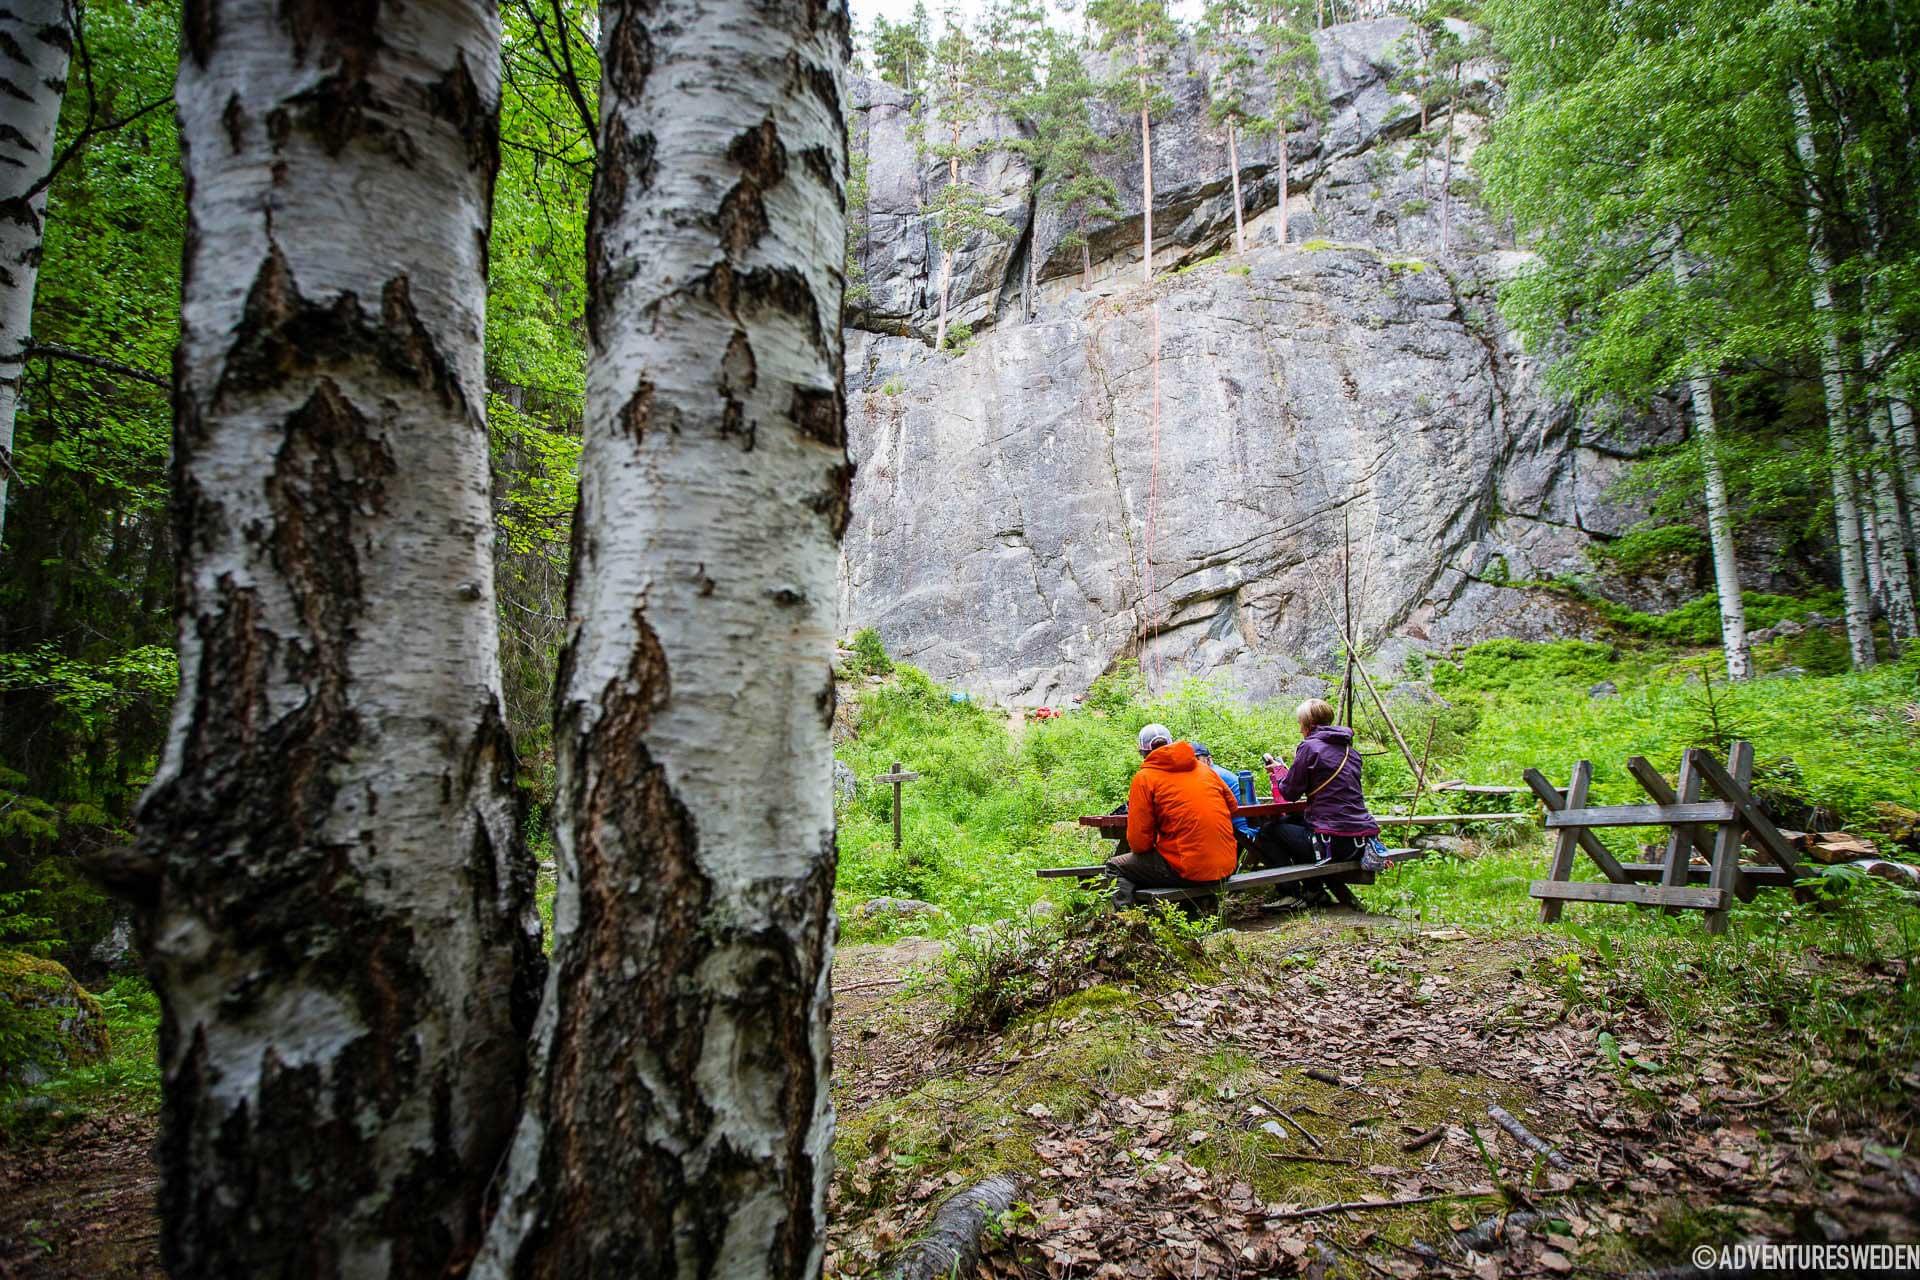 Fikapaus under klättring, Stugun | Foto: Anette Andersson